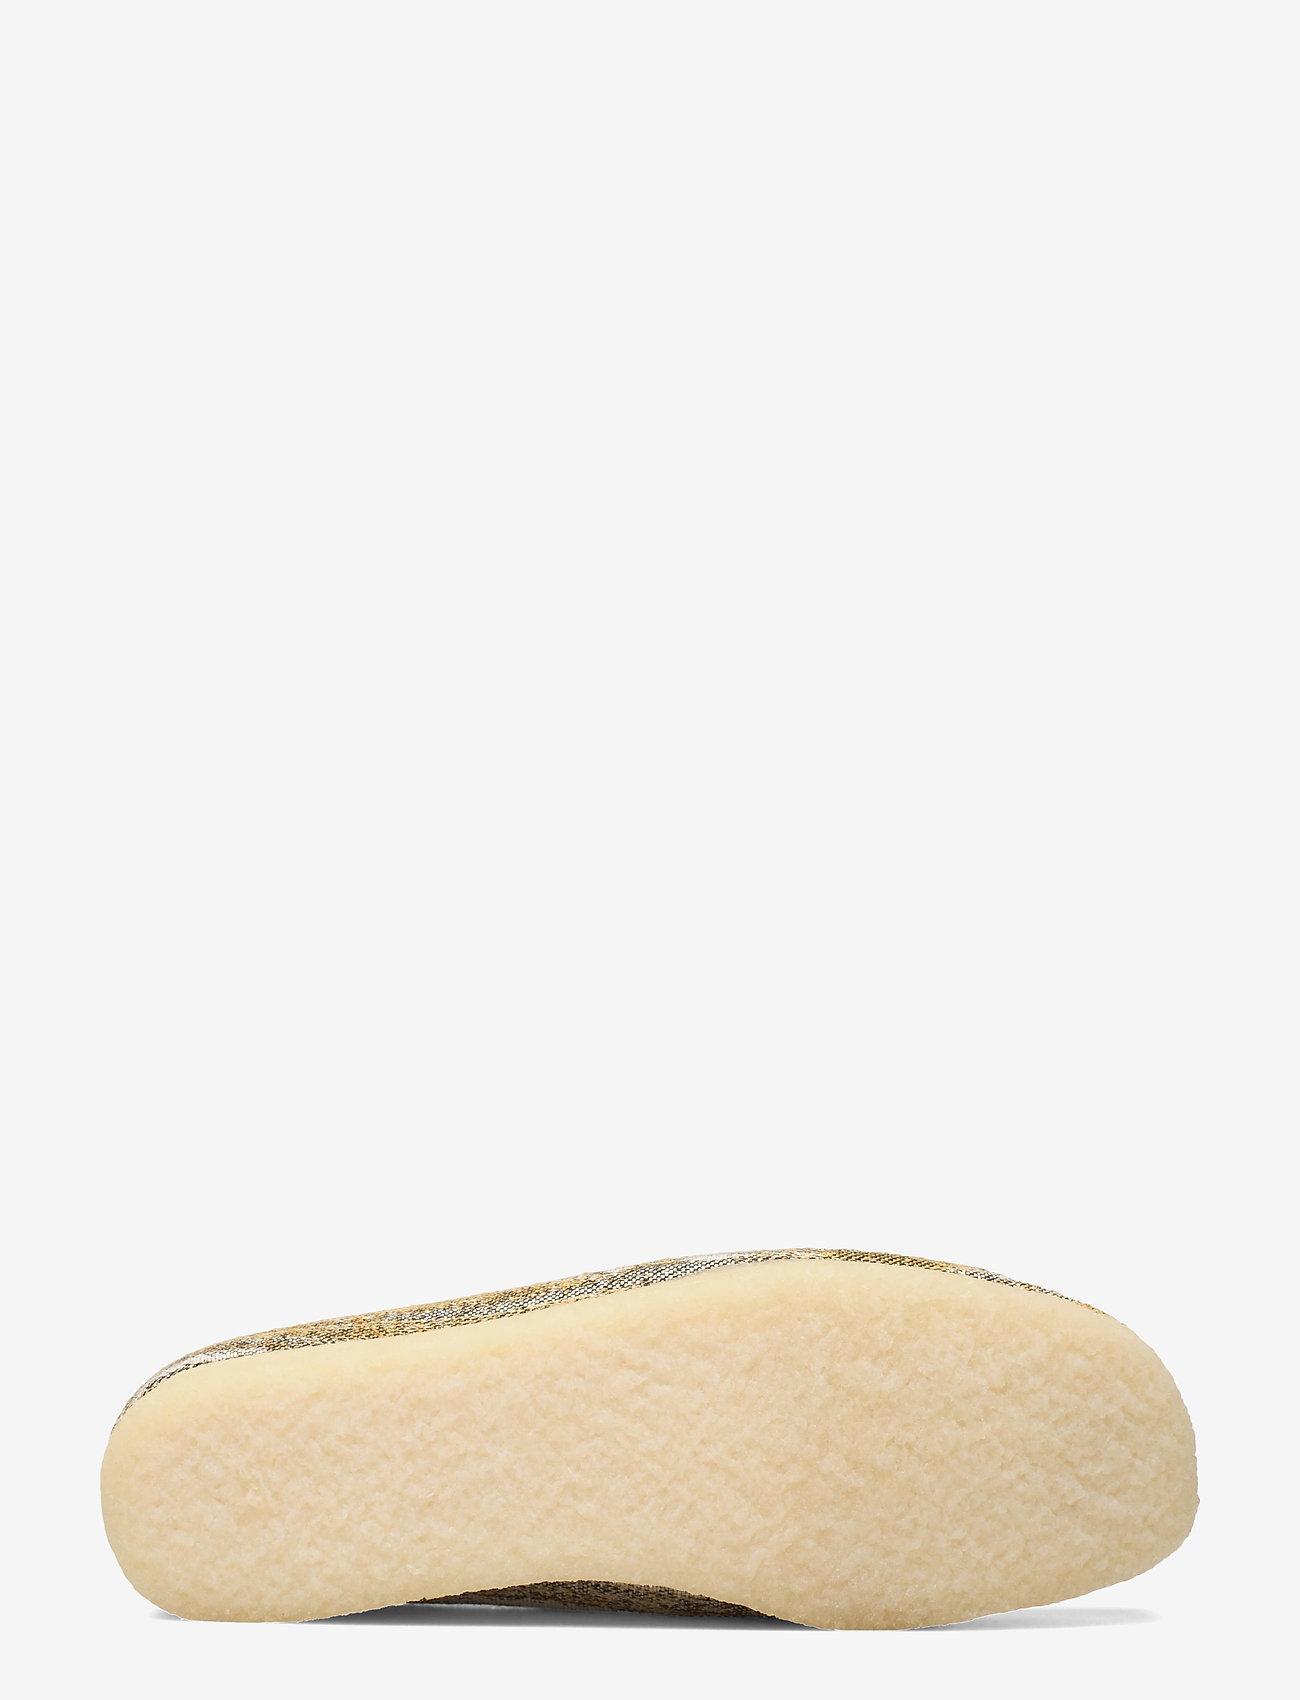 Clarks Originals - Wallabee - skor - sand fabric - 4